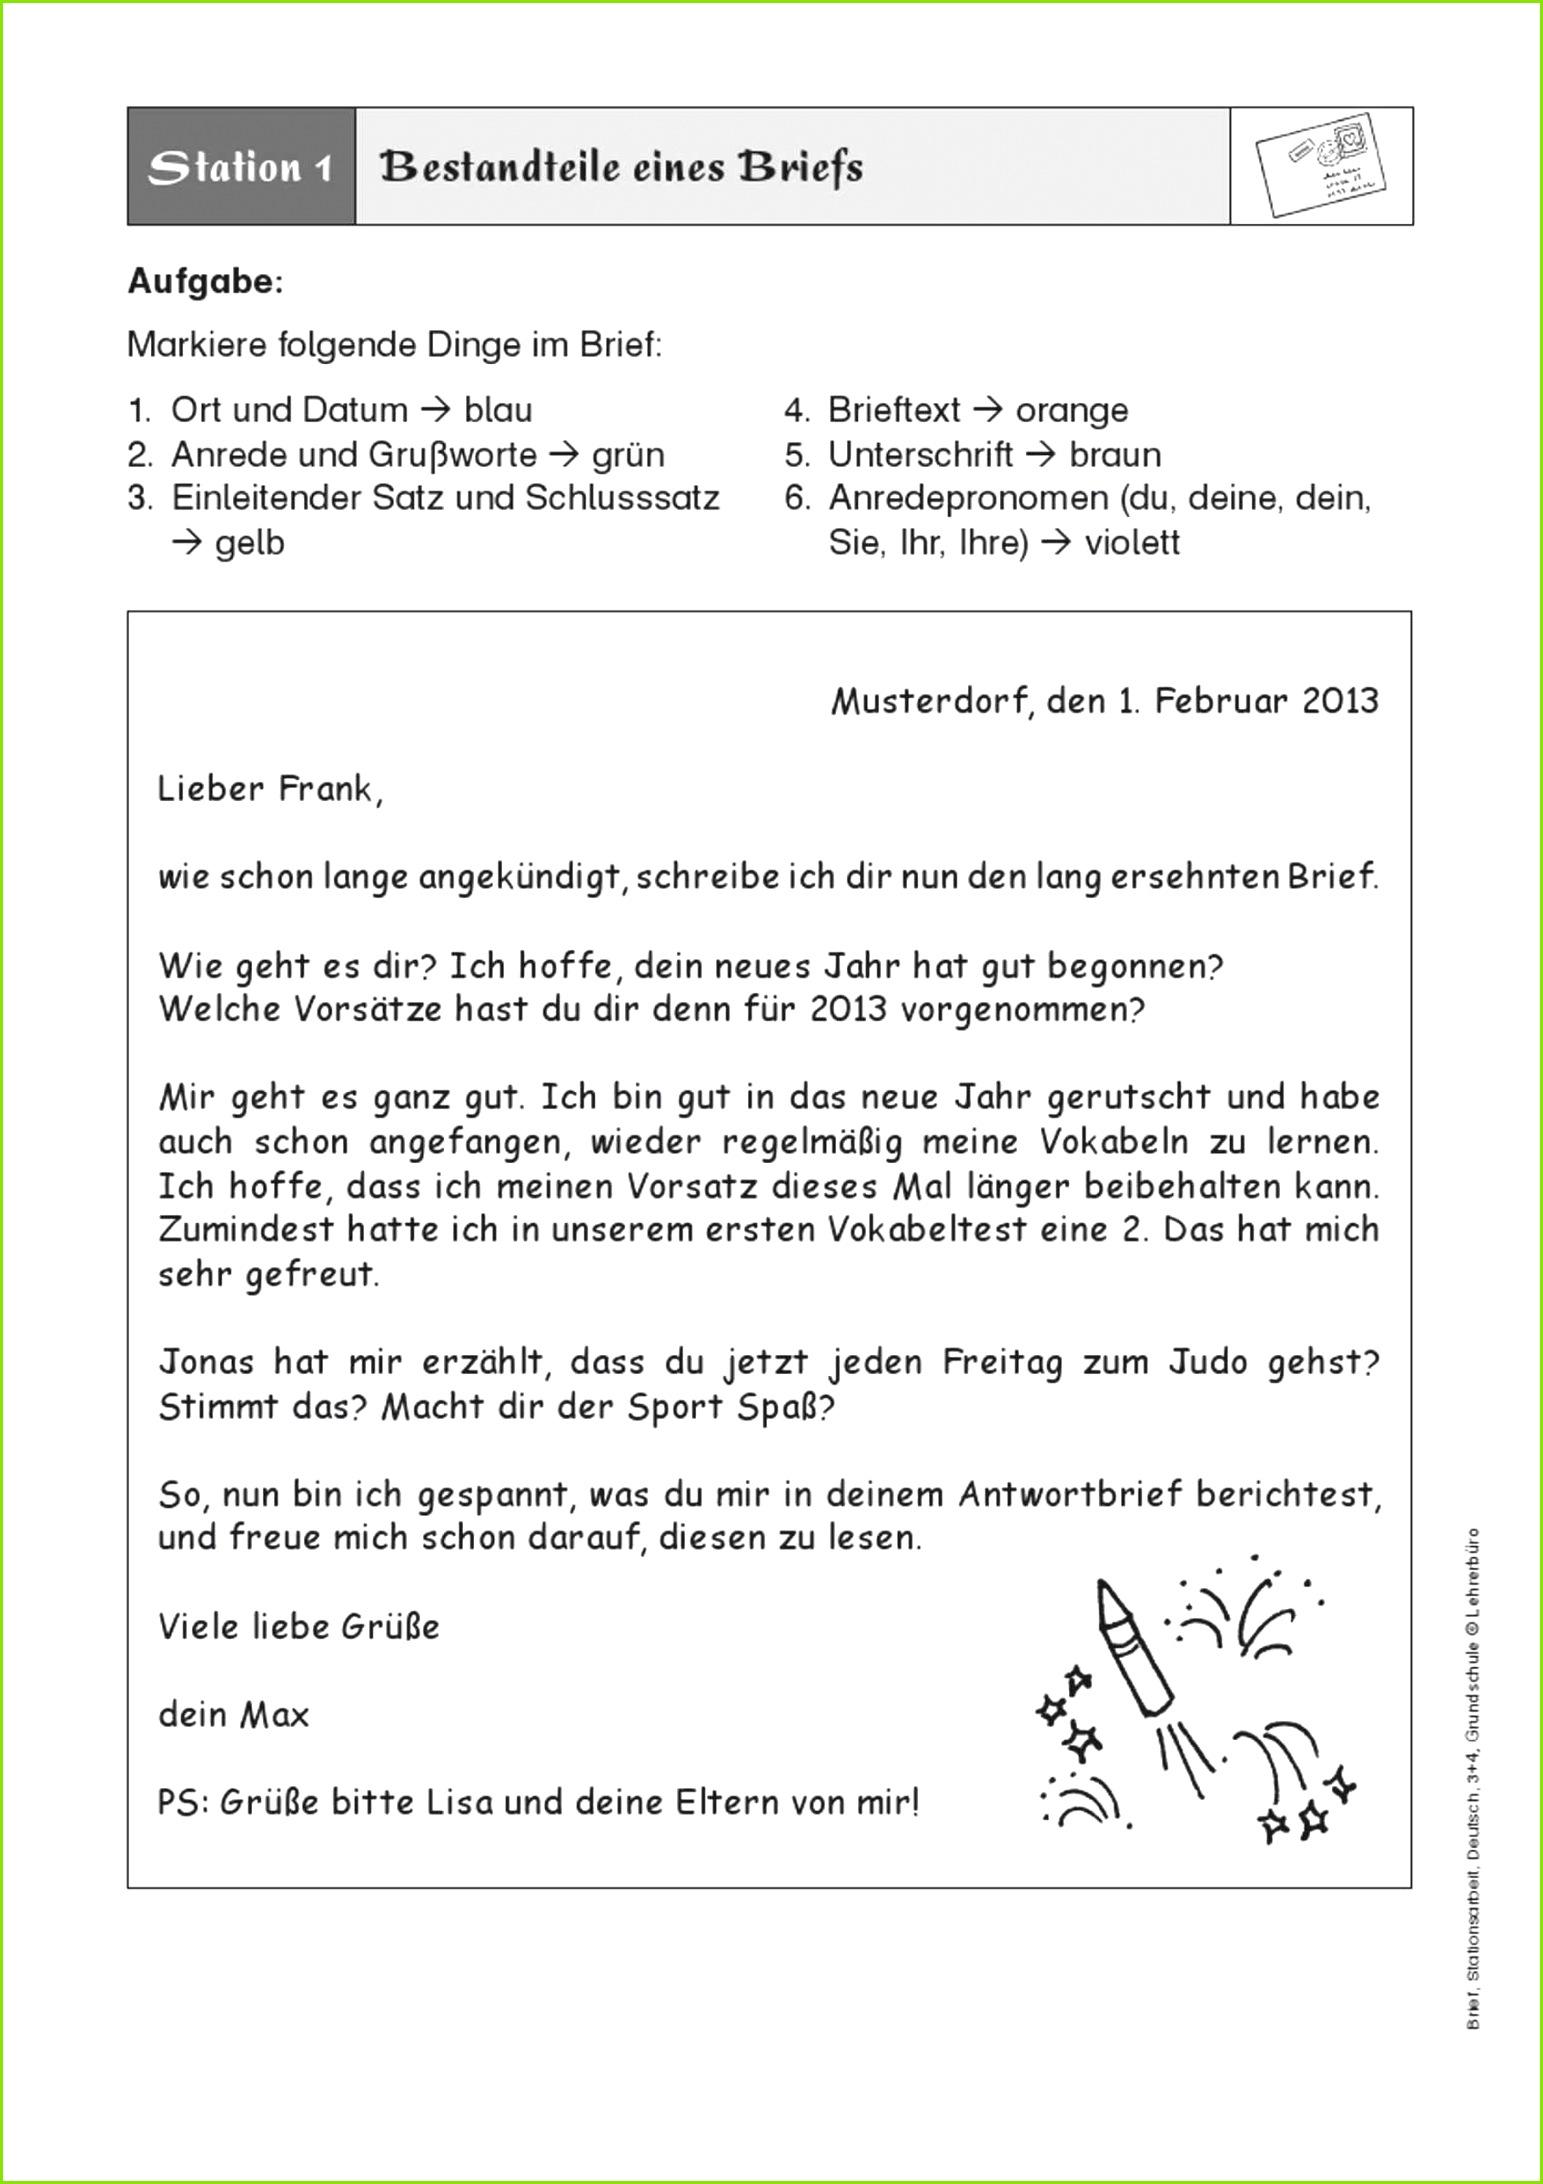 Bildergebnis für brief schreiben 3 klasse Brief Schreiben Vorlage – Sky Sonderkündigung Vorlage